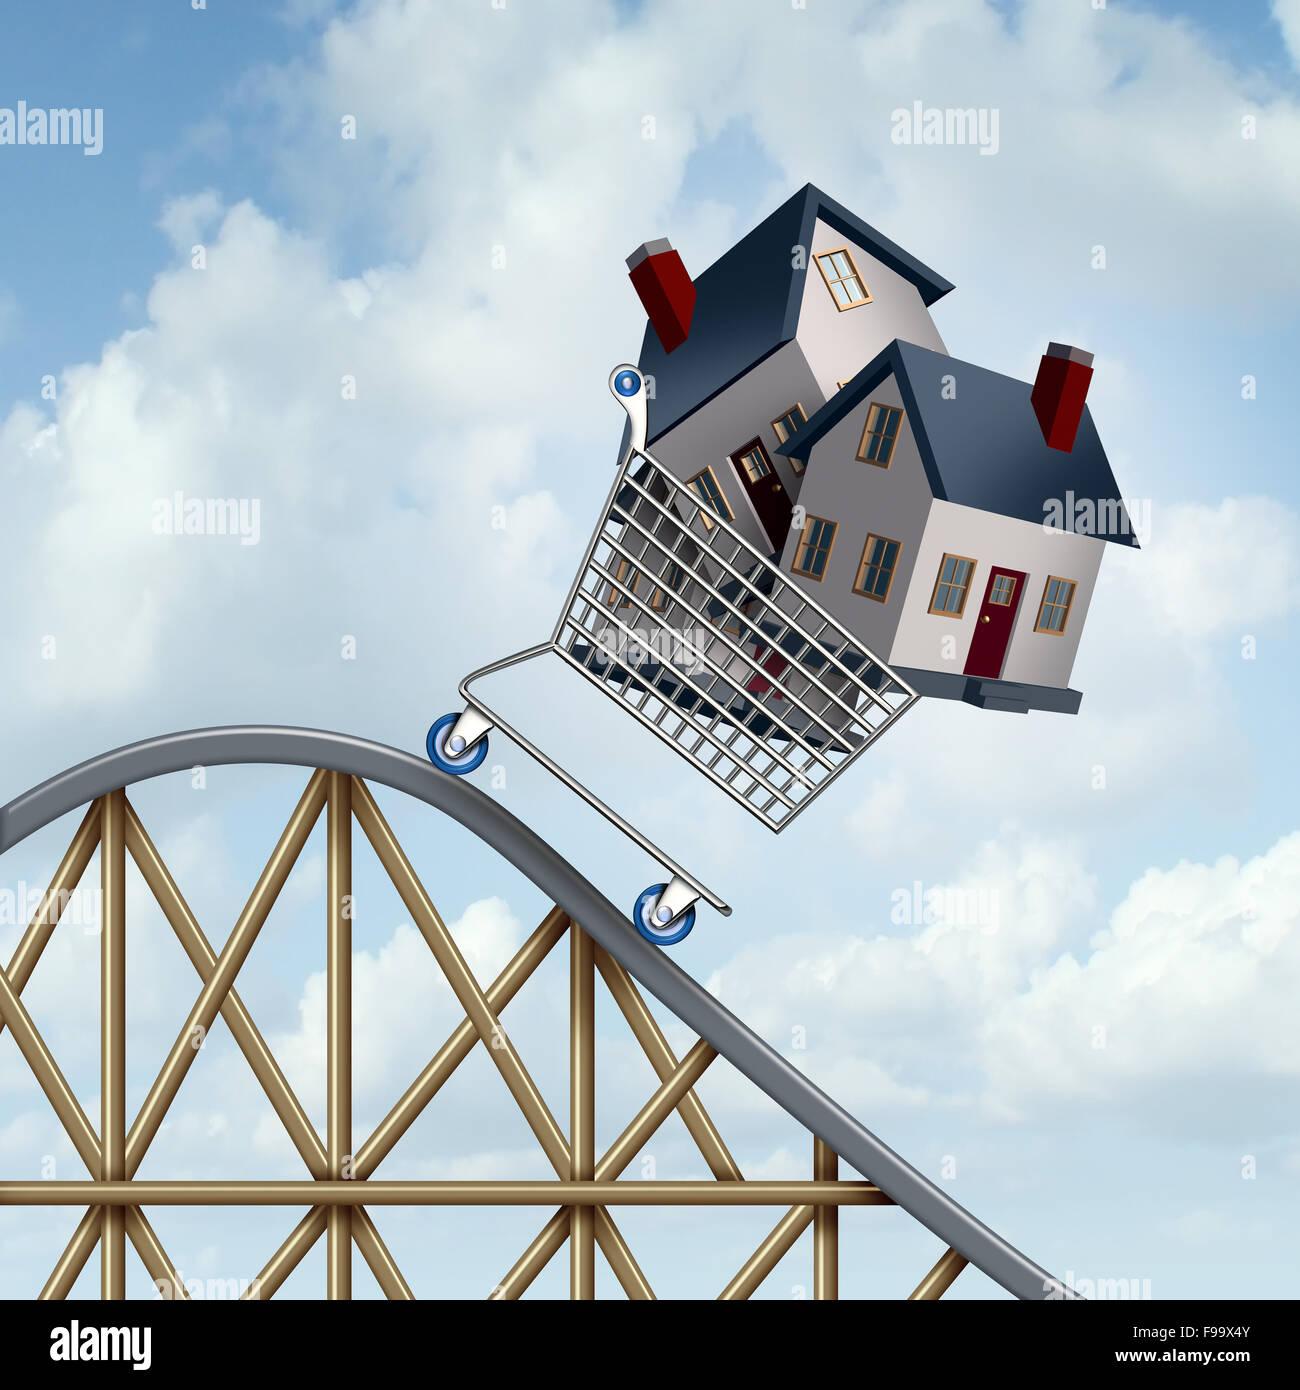 La caduta home prezzi e del calo del valore immobiliare concetto finanziario come venduto case in un carrello andando Immagini Stock